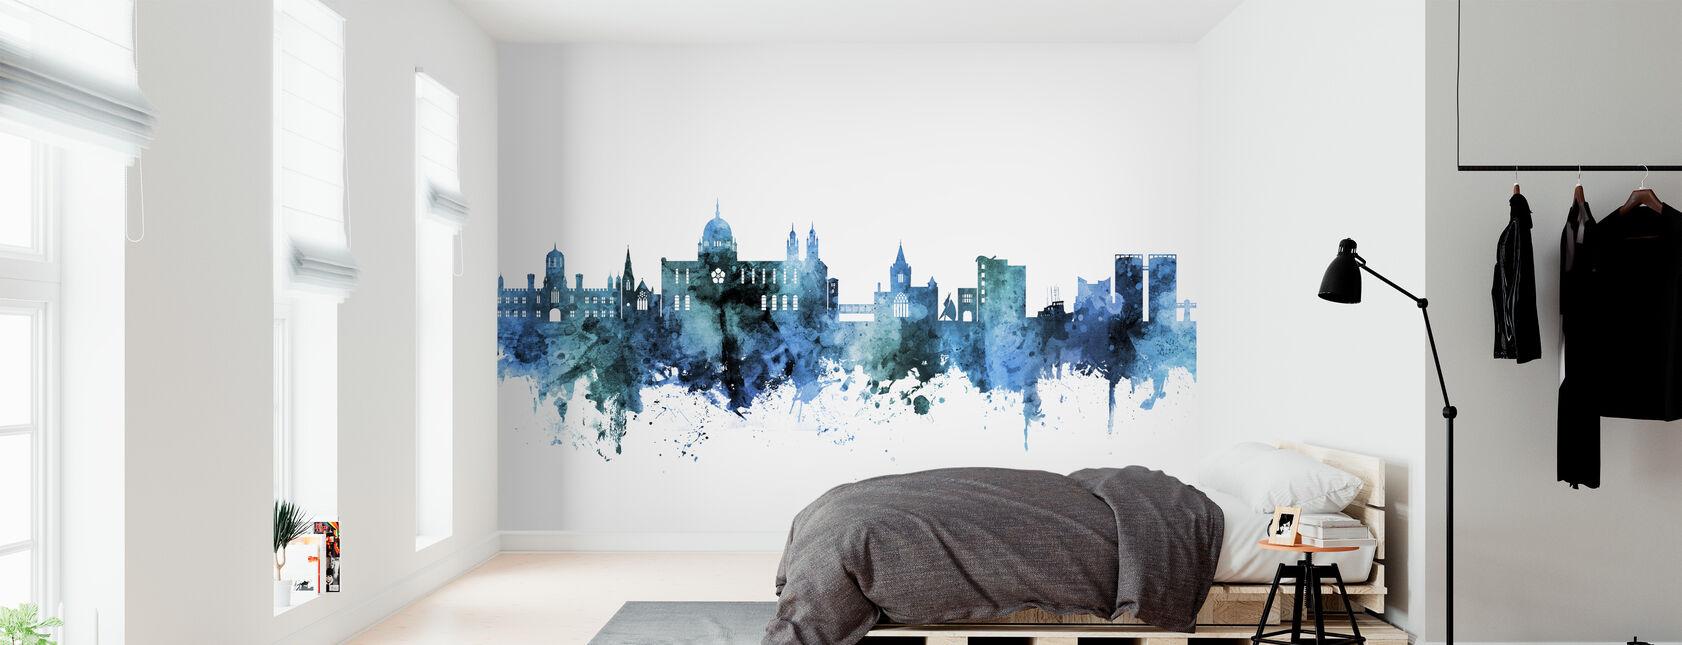 Galway Ireland Skyline - Wallpaper - Bedroom